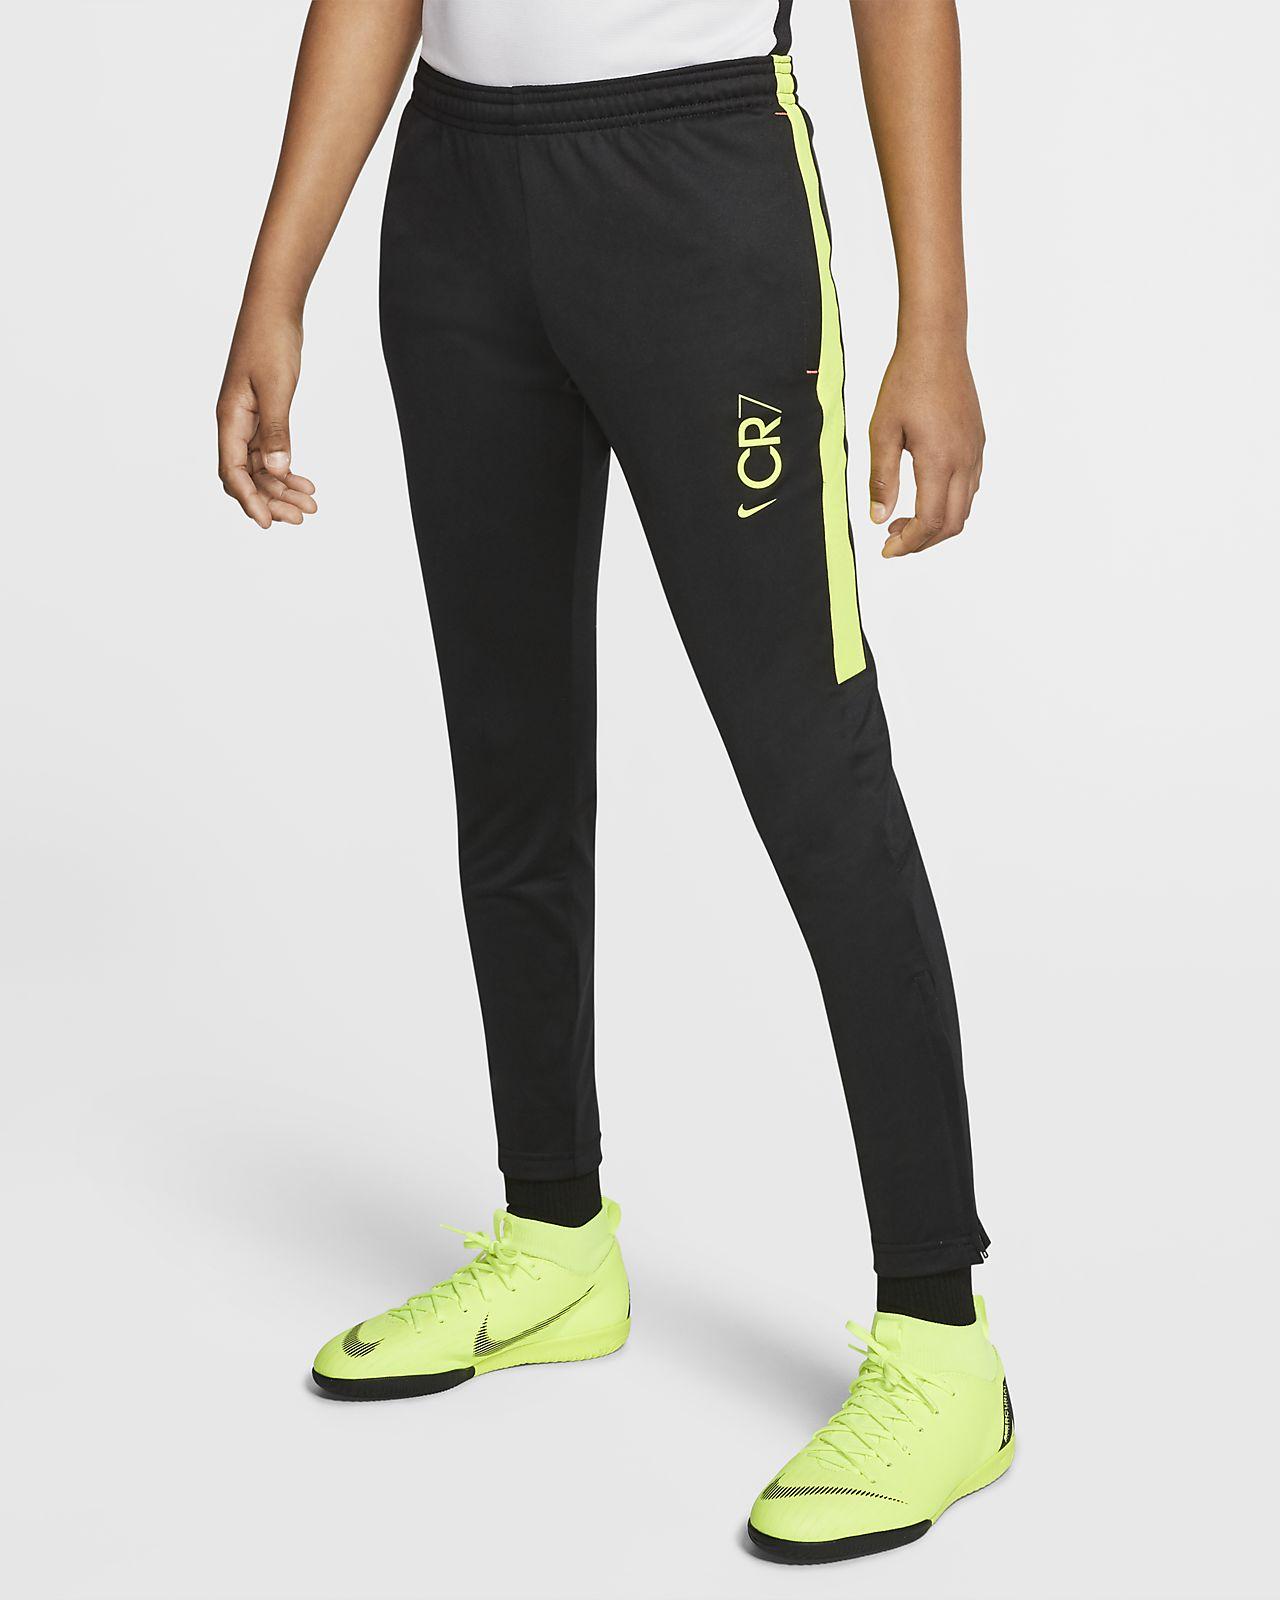 Nike Dri FIT CR7 fodboldbukser til store børn